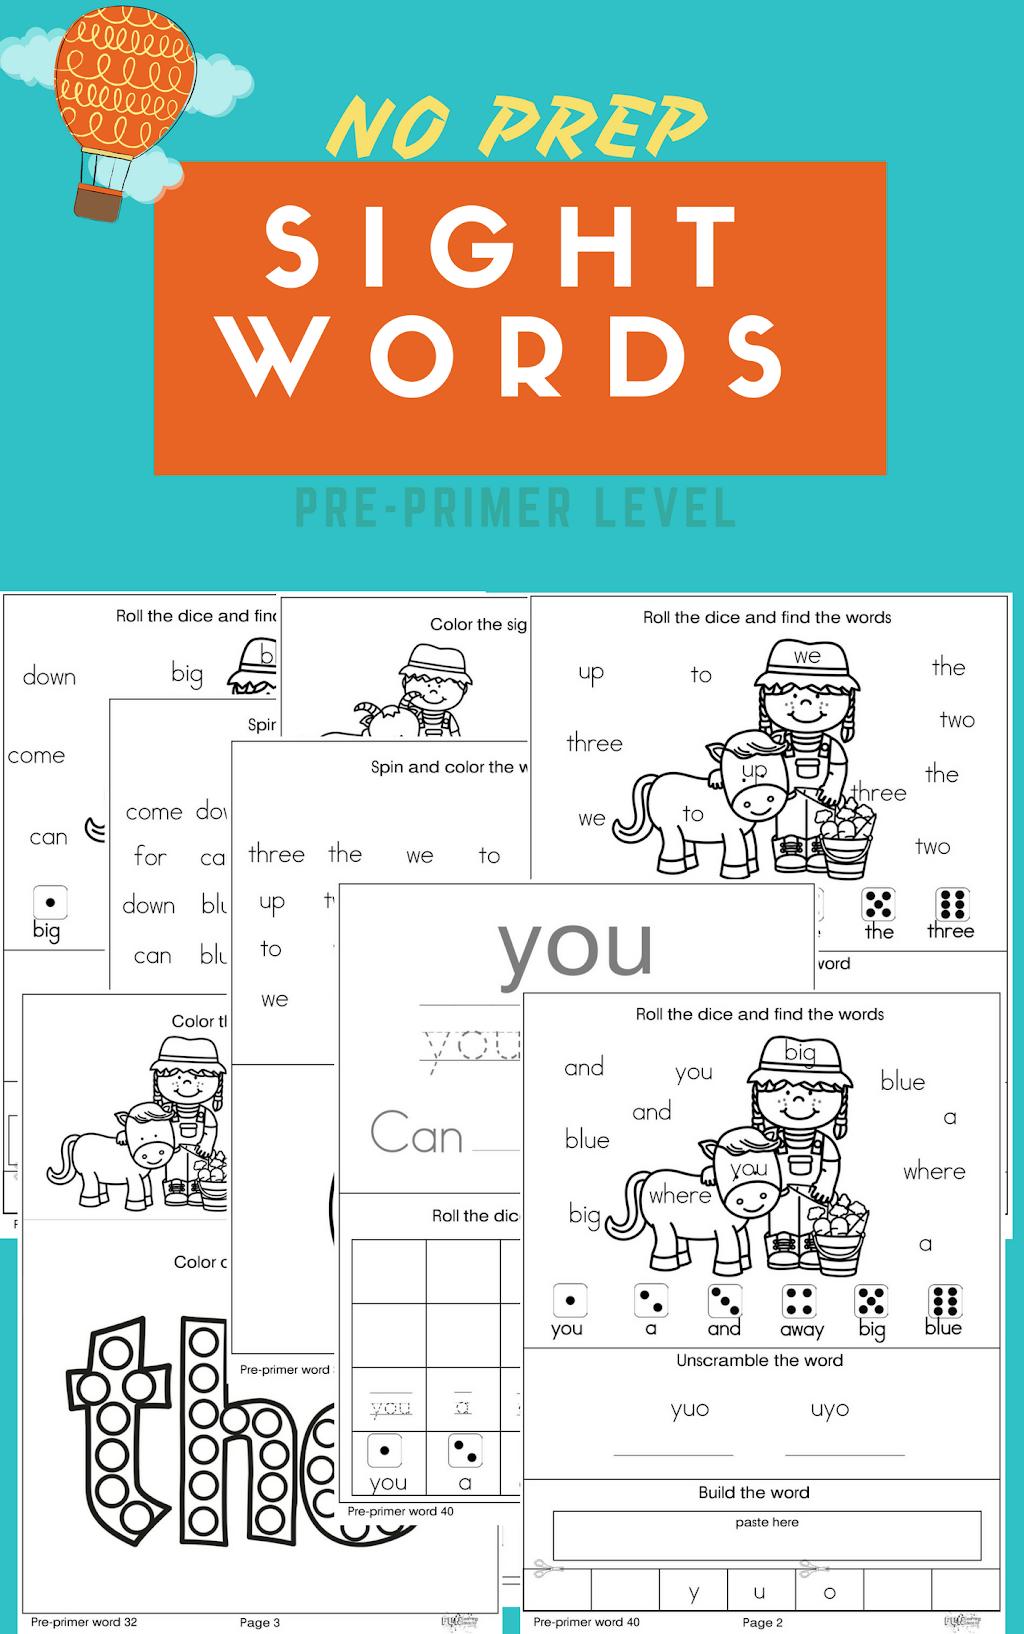 Worksheets Primer Sight Word Worksheets no prep sight words worksheets pre primer primer